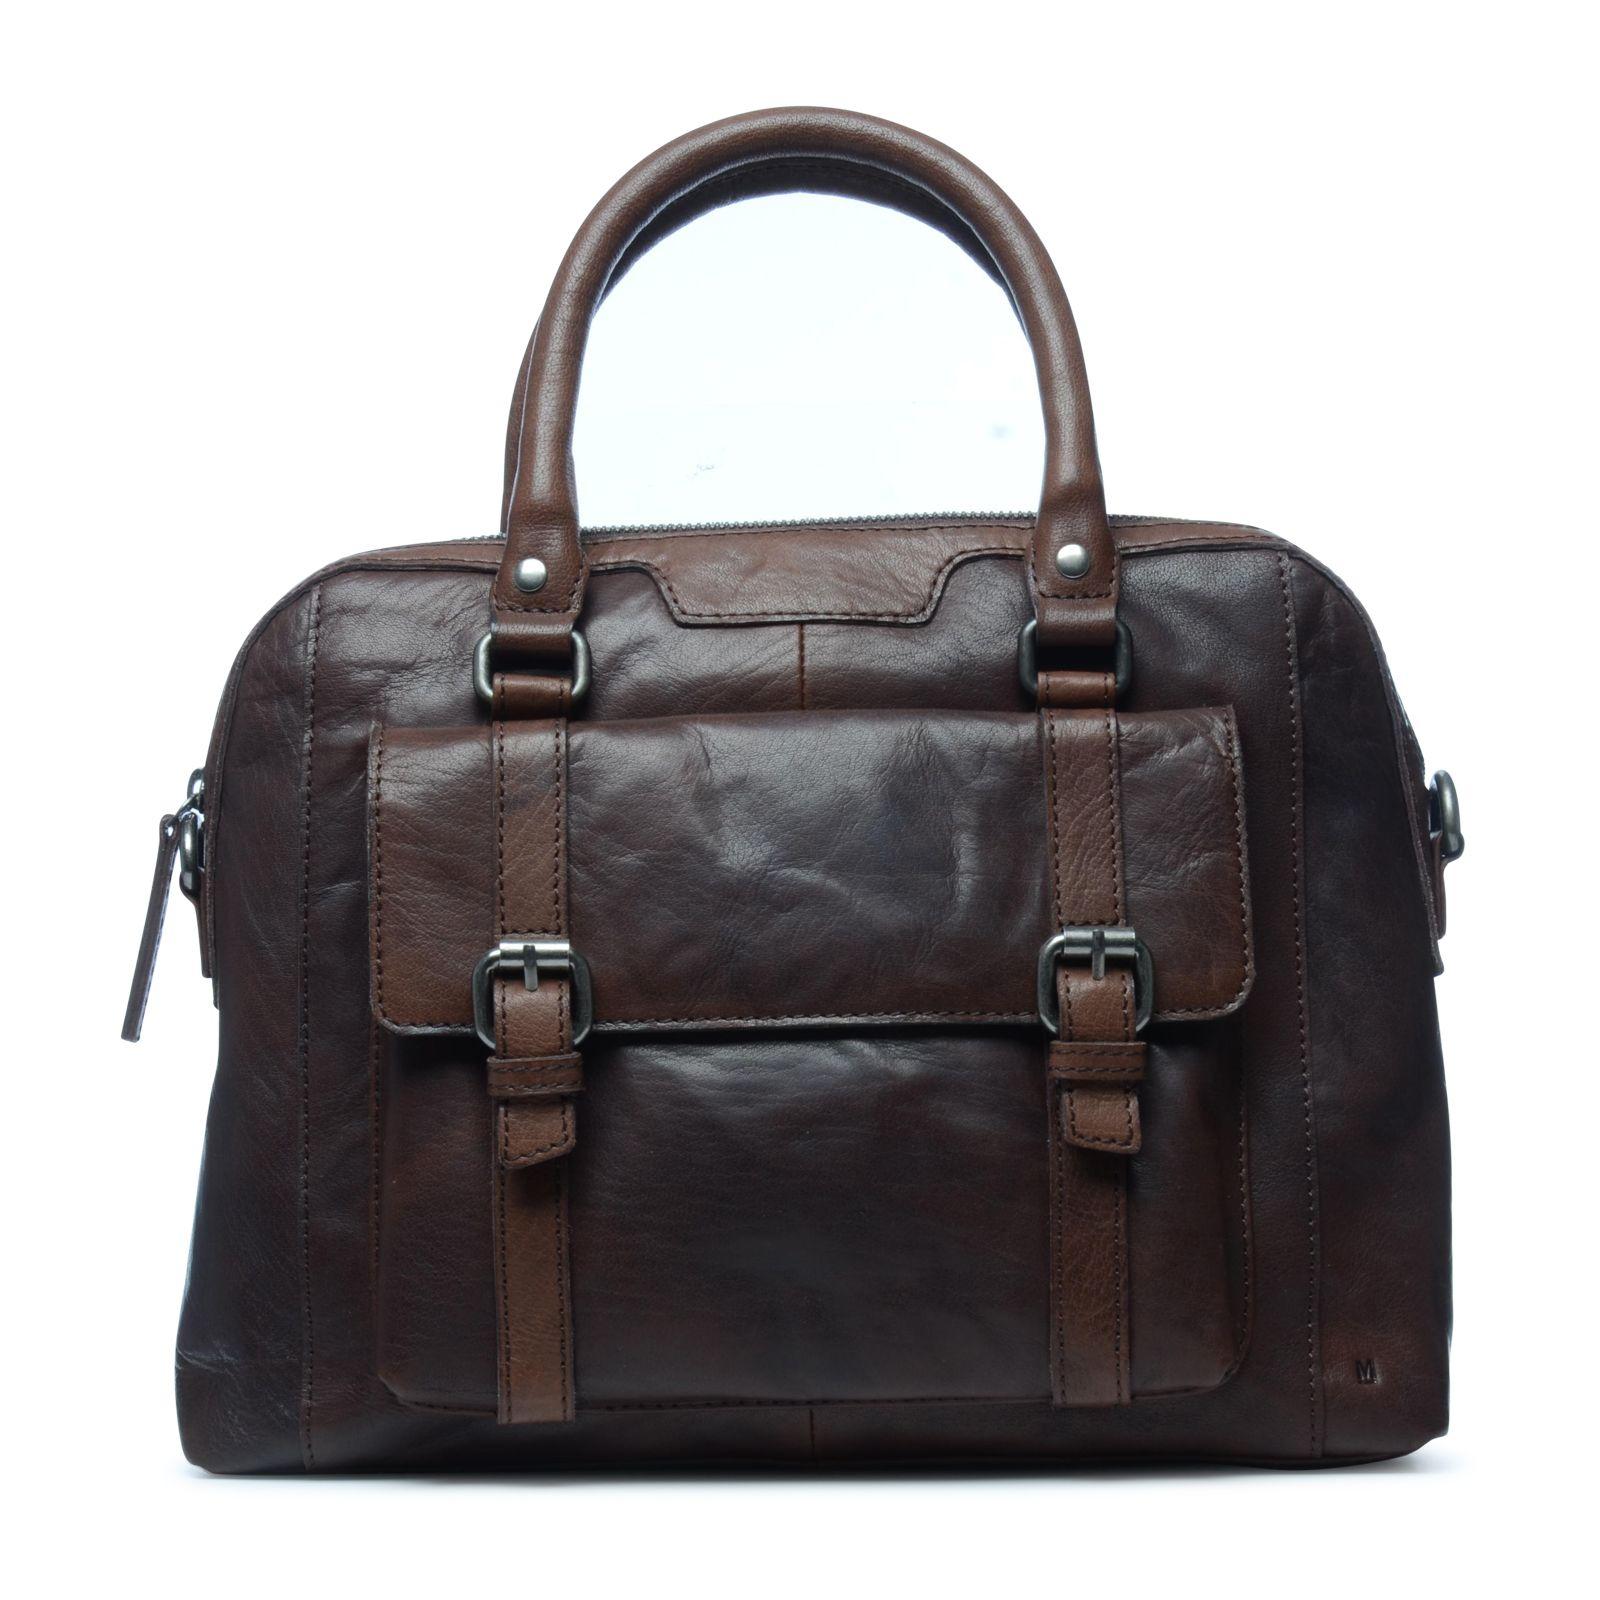 Zalando Bruine Tassen : Bruine handtas met voorvakje tassen manfield